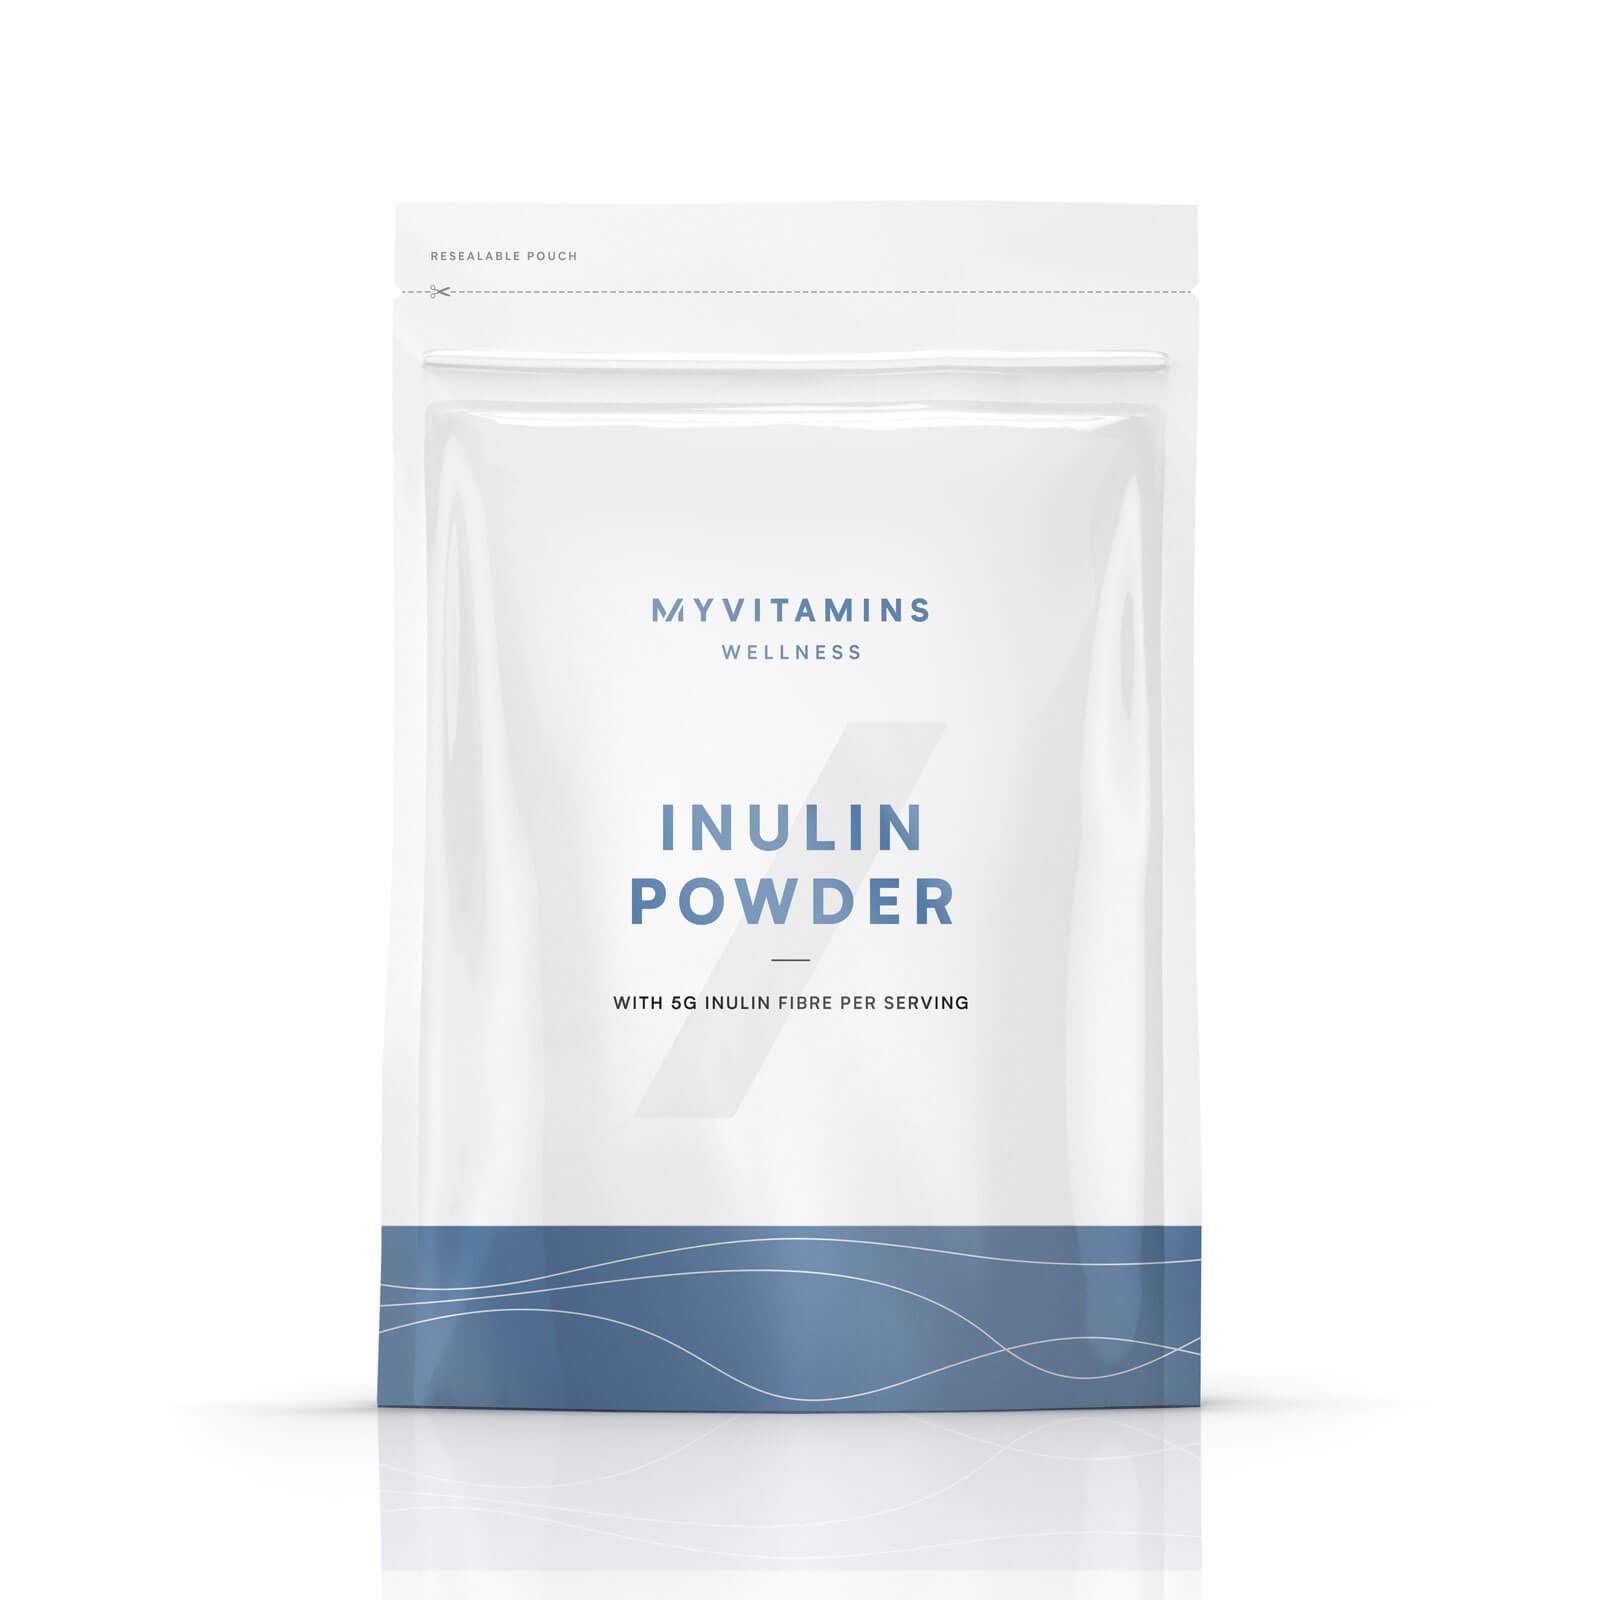 Inulin Pulver - 500g - Beutel